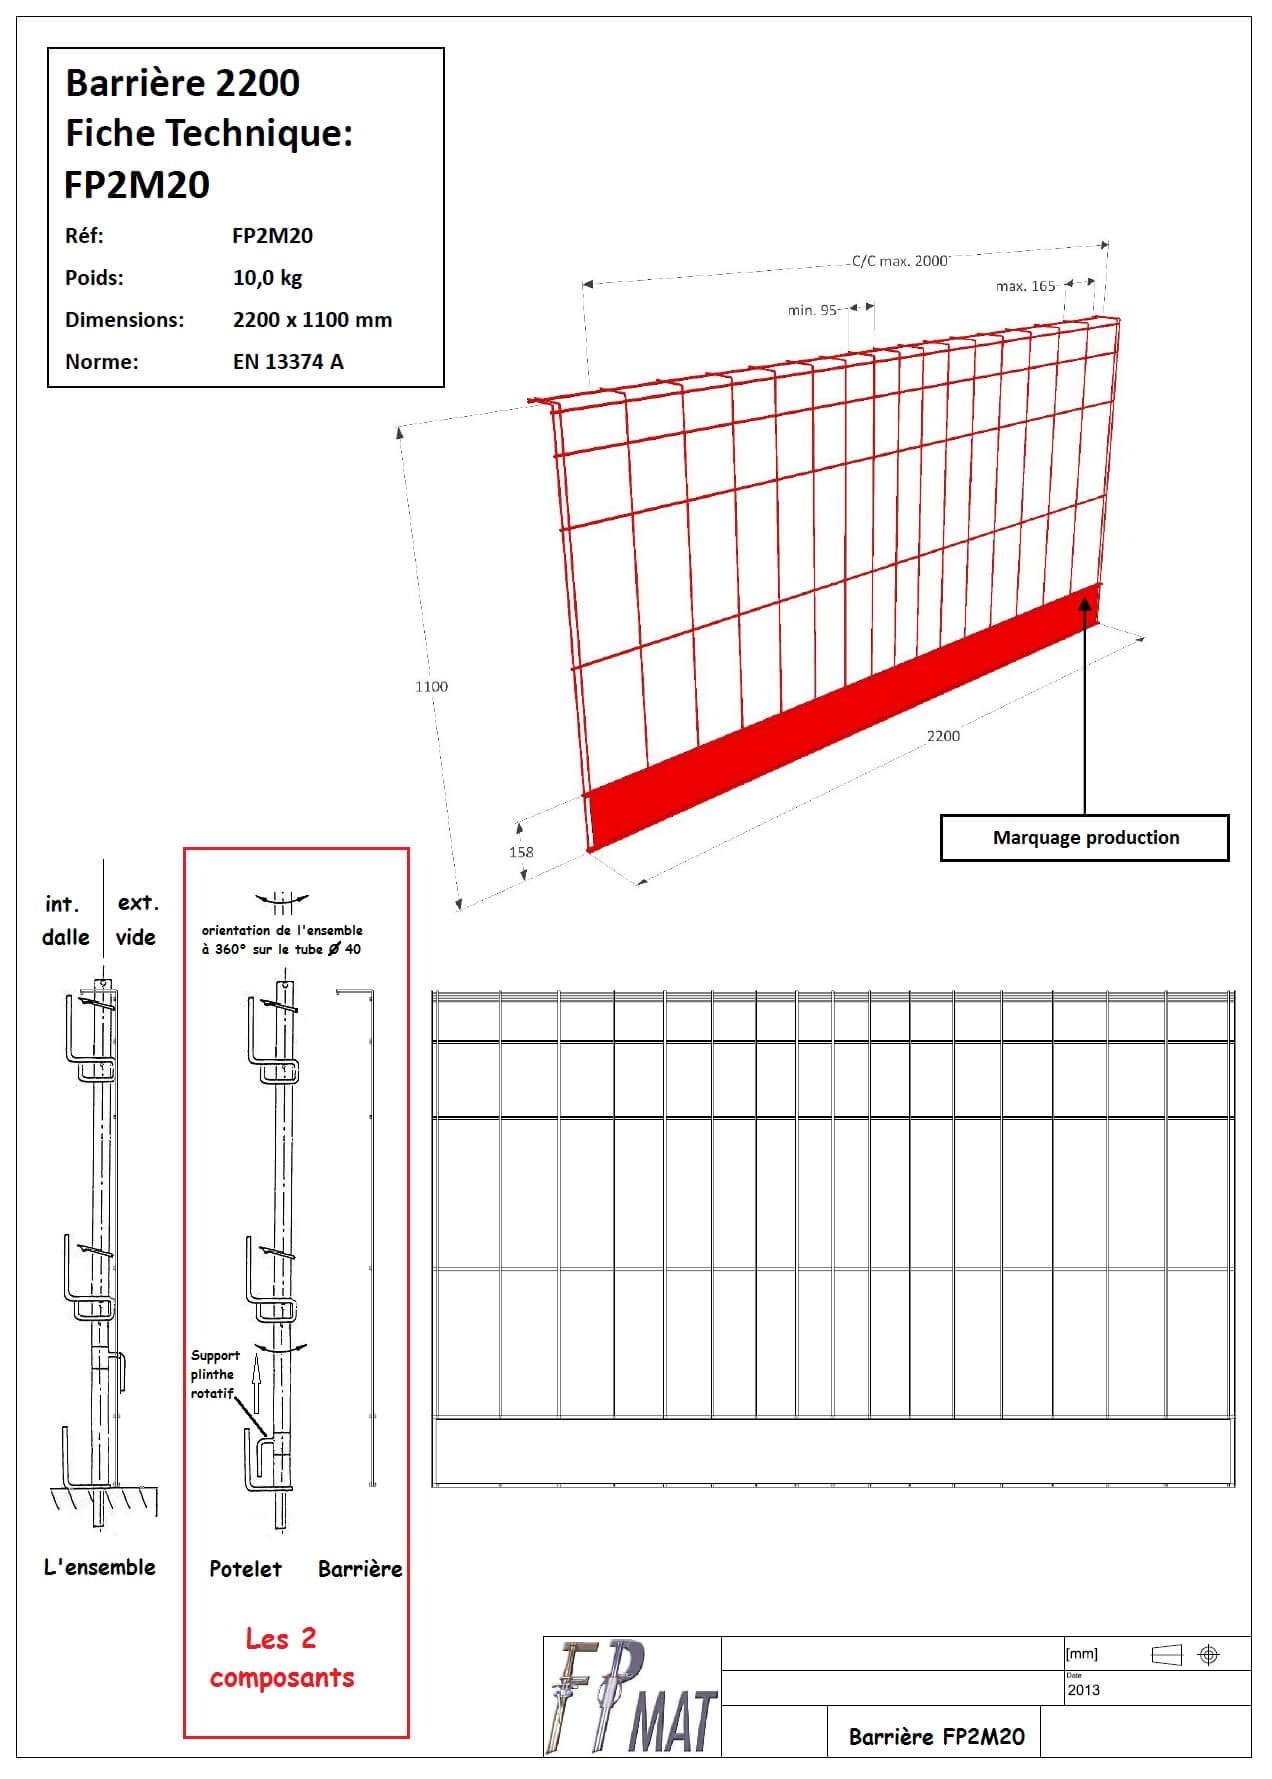 fiche-technique-barriere-fp2m20-fpmat